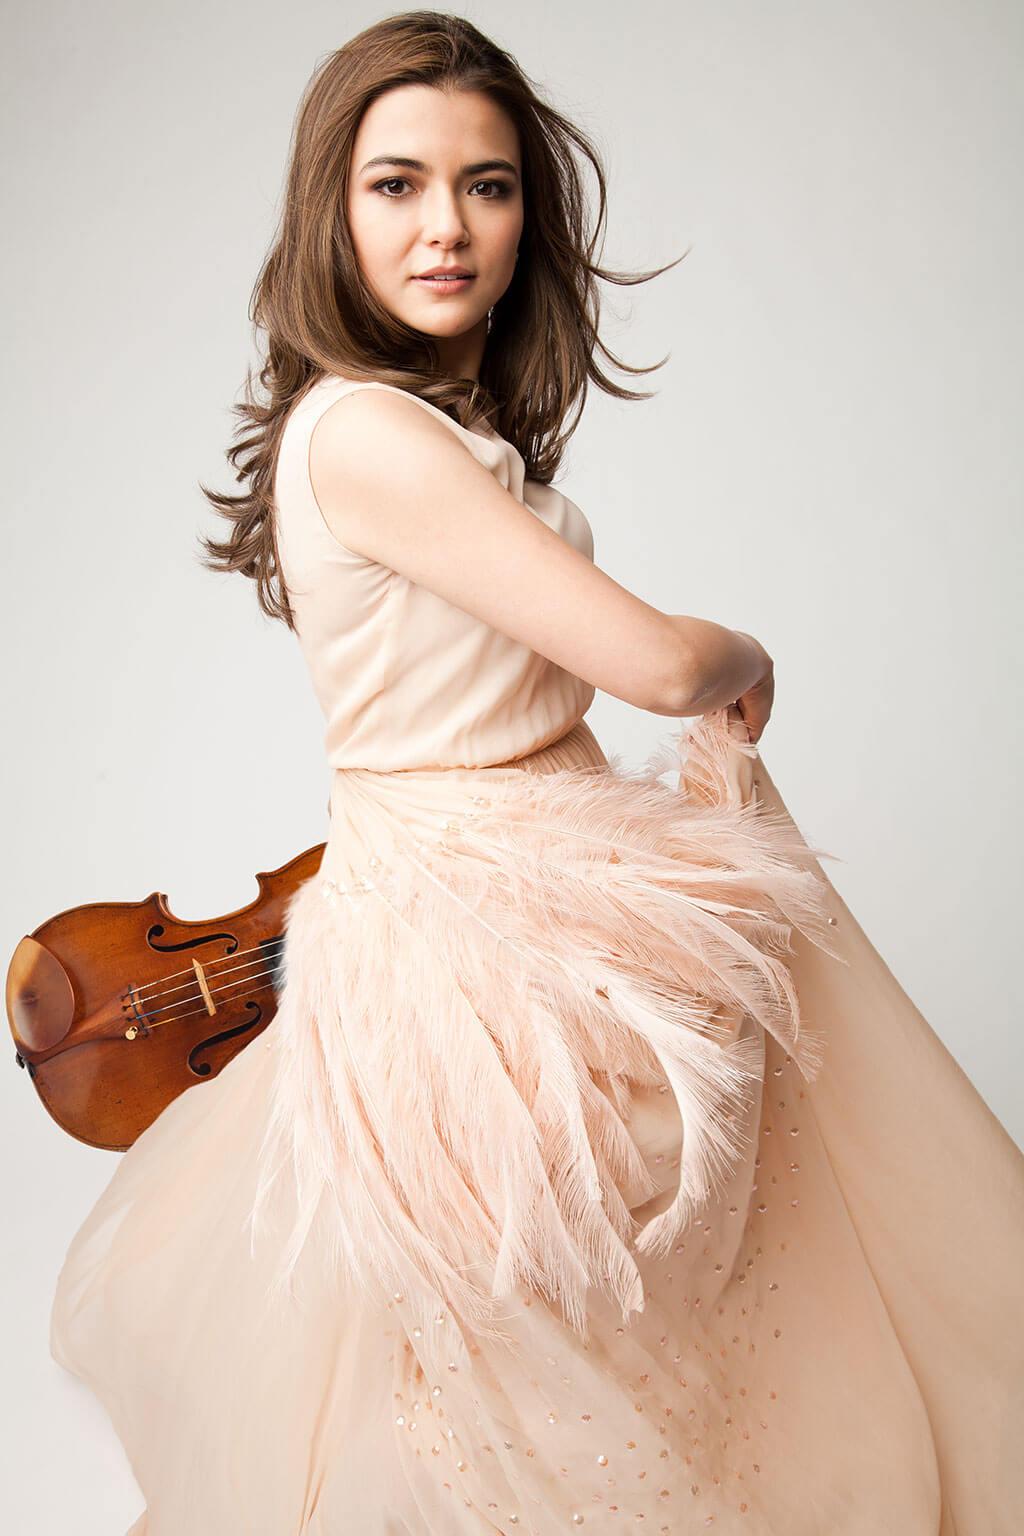 Karen Gomyo s'intéresse aussi au tango depuis longtemps, plus précisément le Tango Nuevo. (Crédit: Gabrielle Revere)